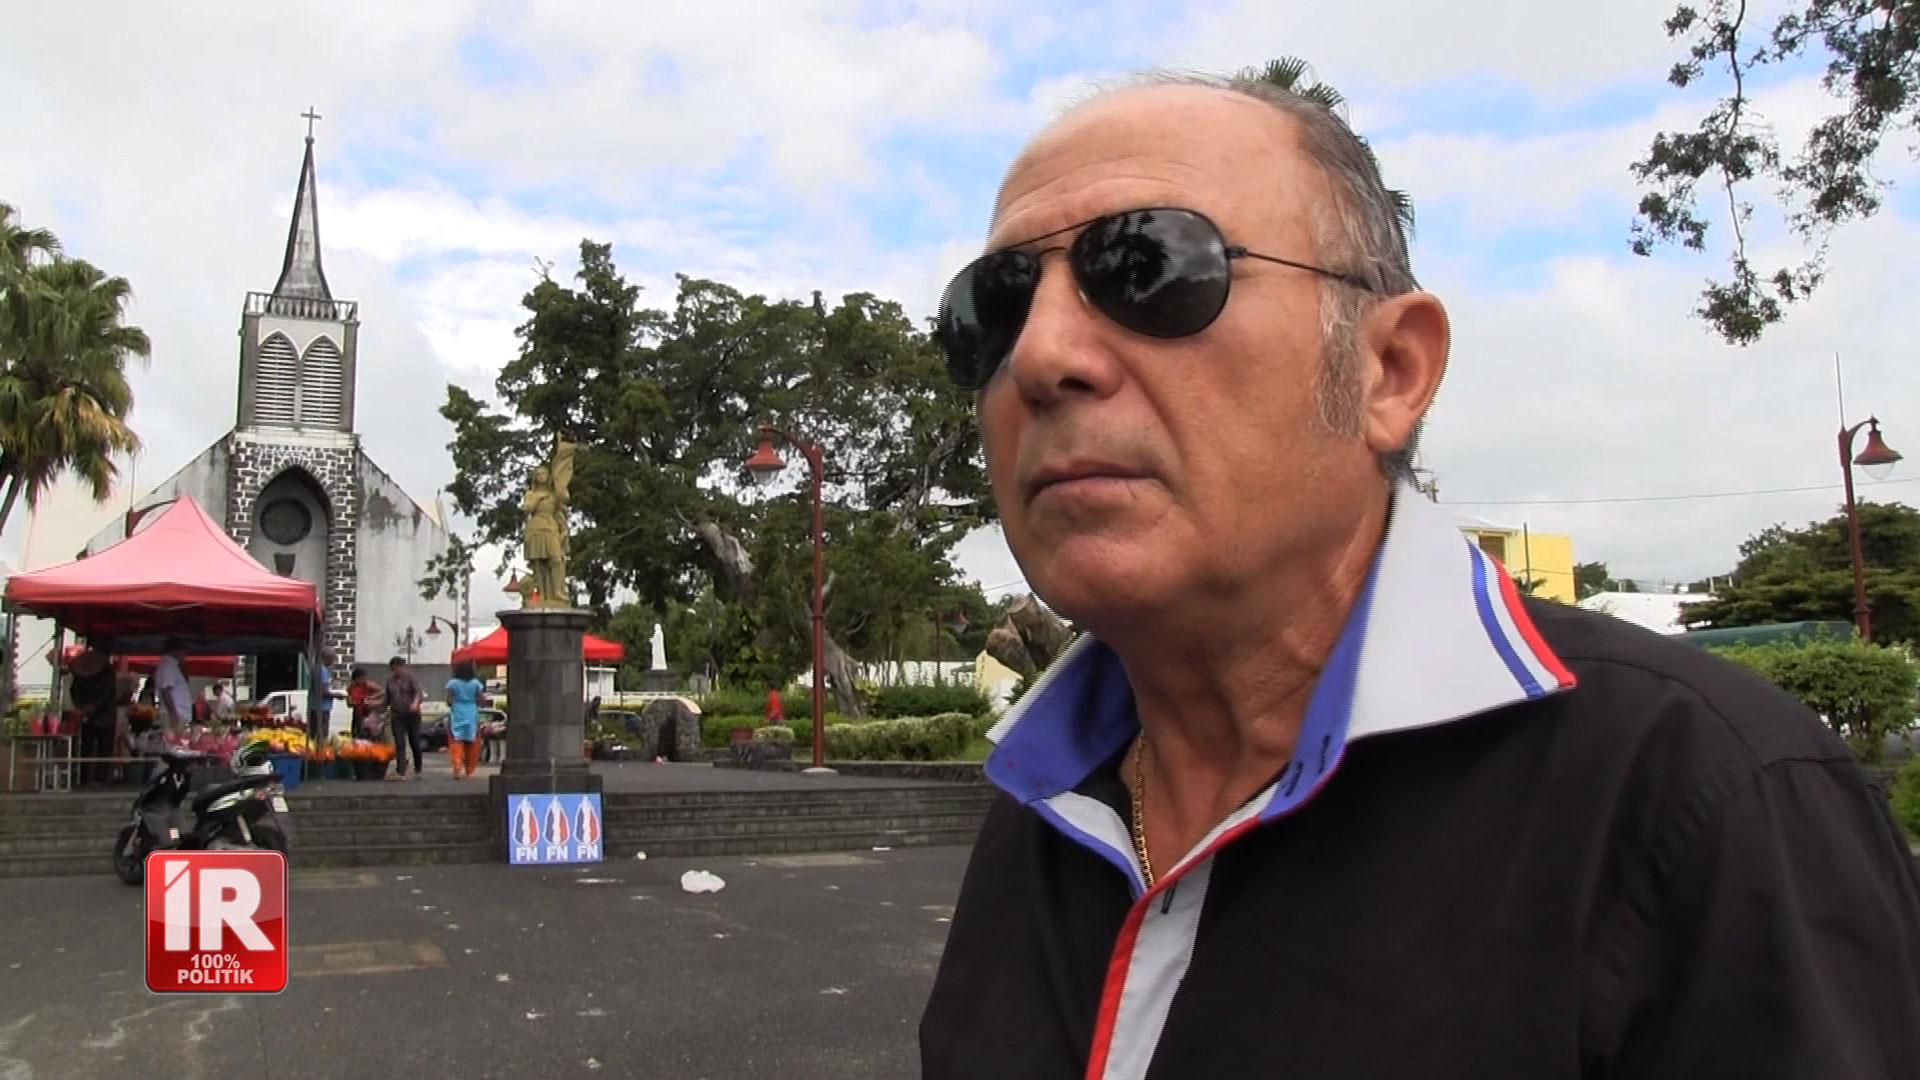 Le FN revendique la dénomination de « seul parti Républicain » de France